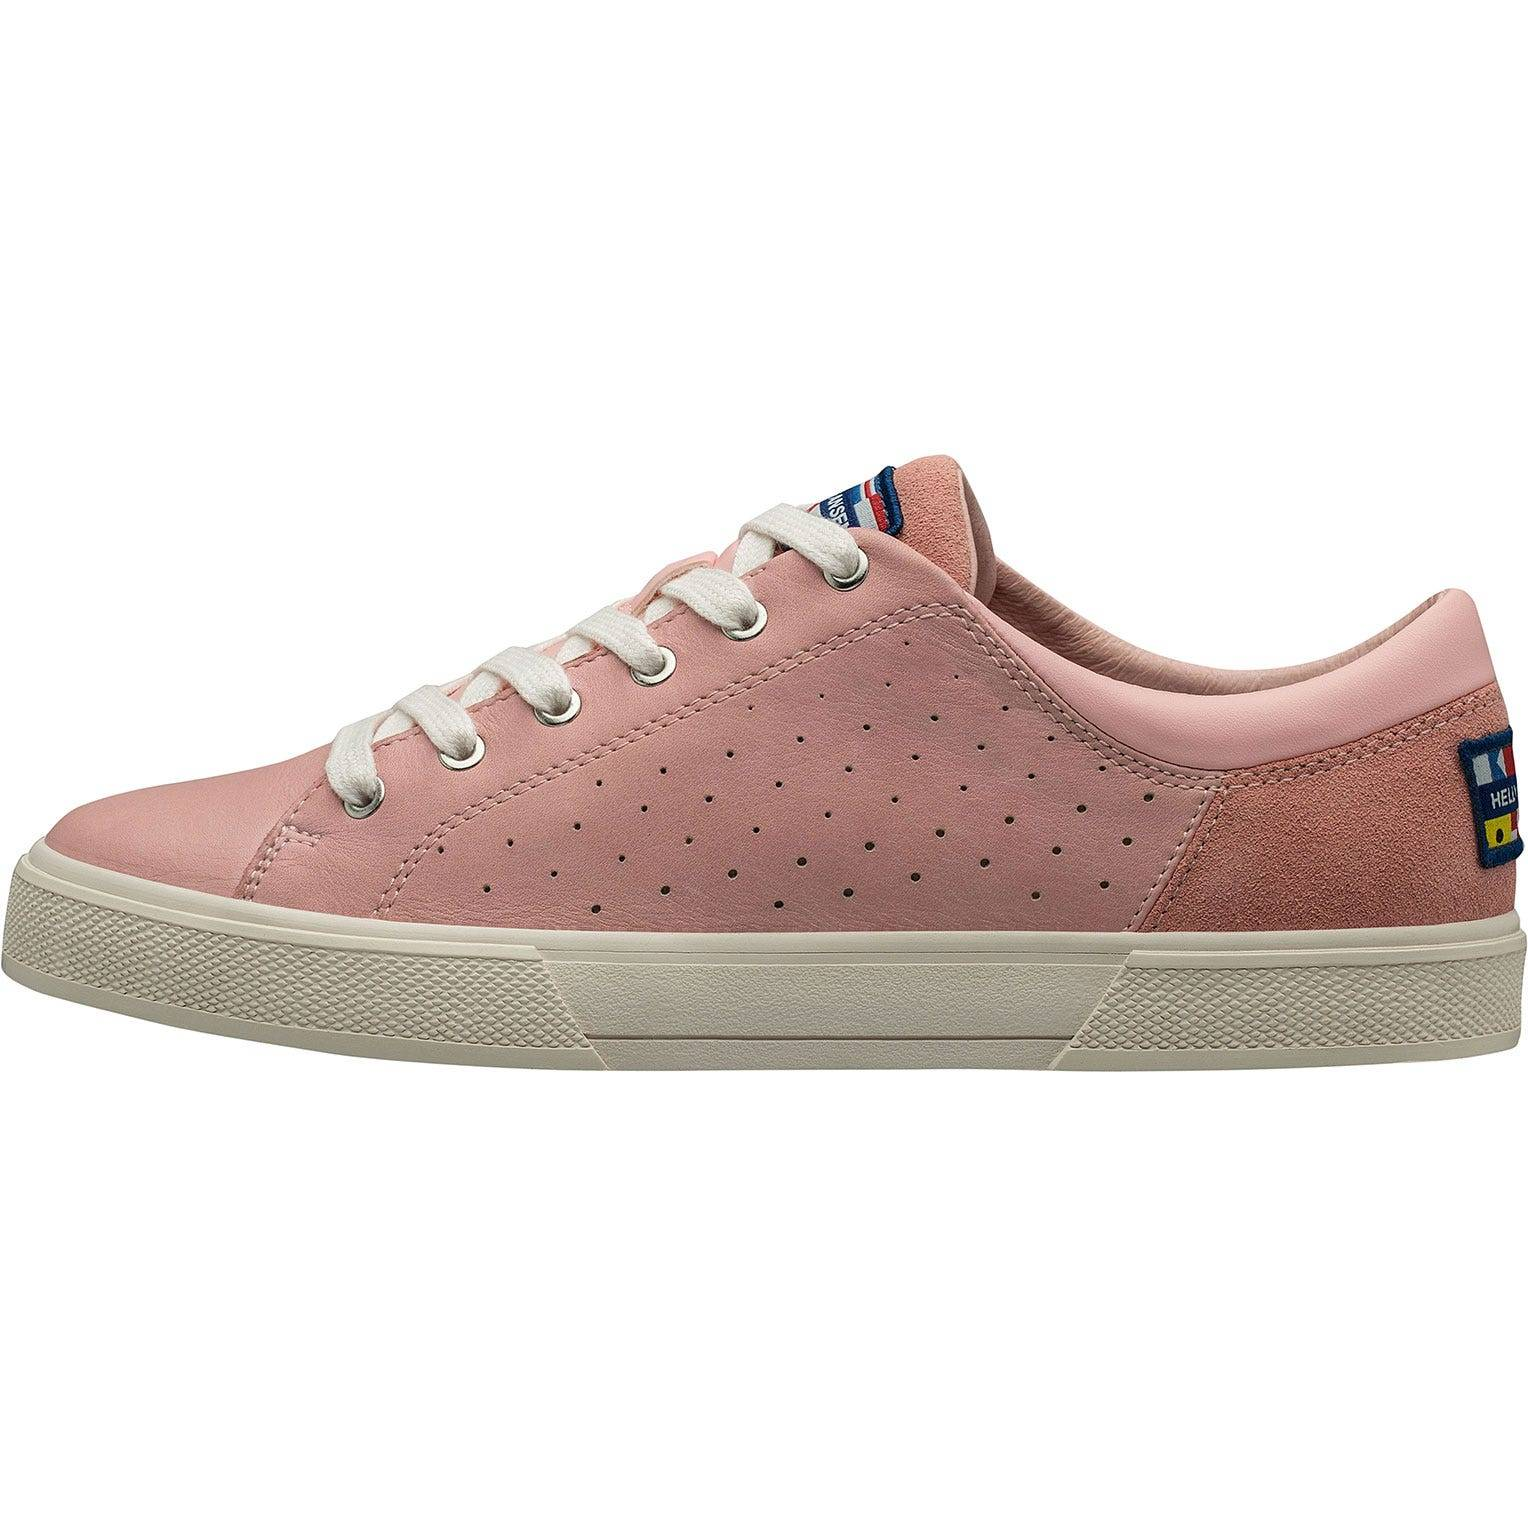 Helly Hansen W Copenhagen Leather Shoe Womens Casual Pink 40/8.5